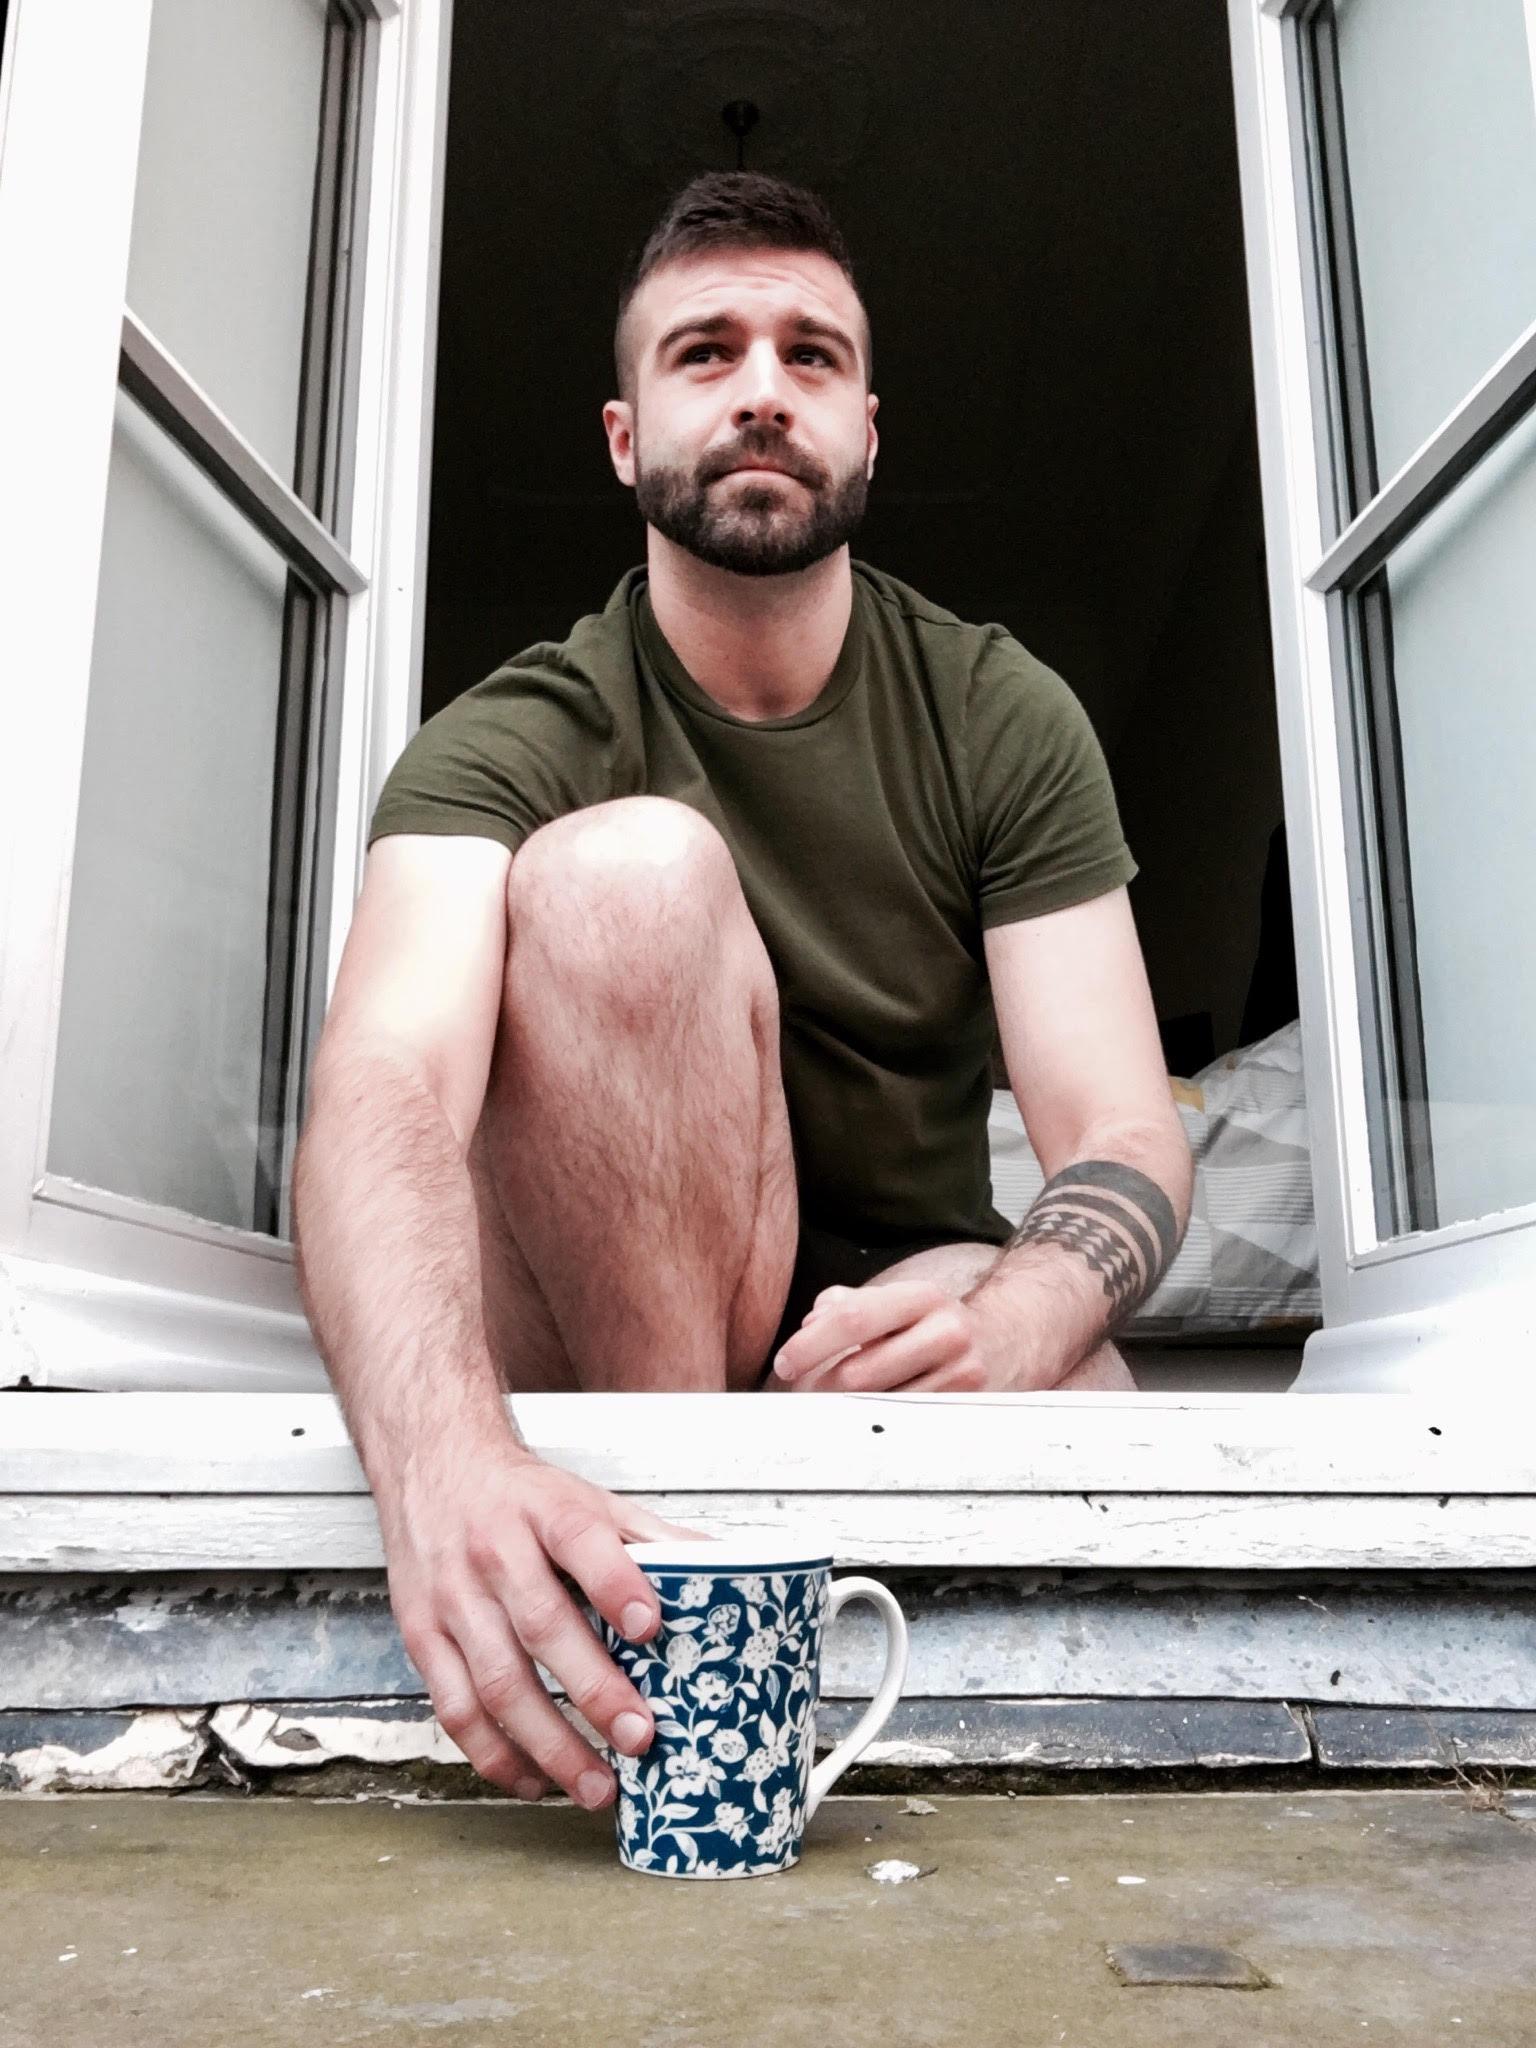 Ryan at home